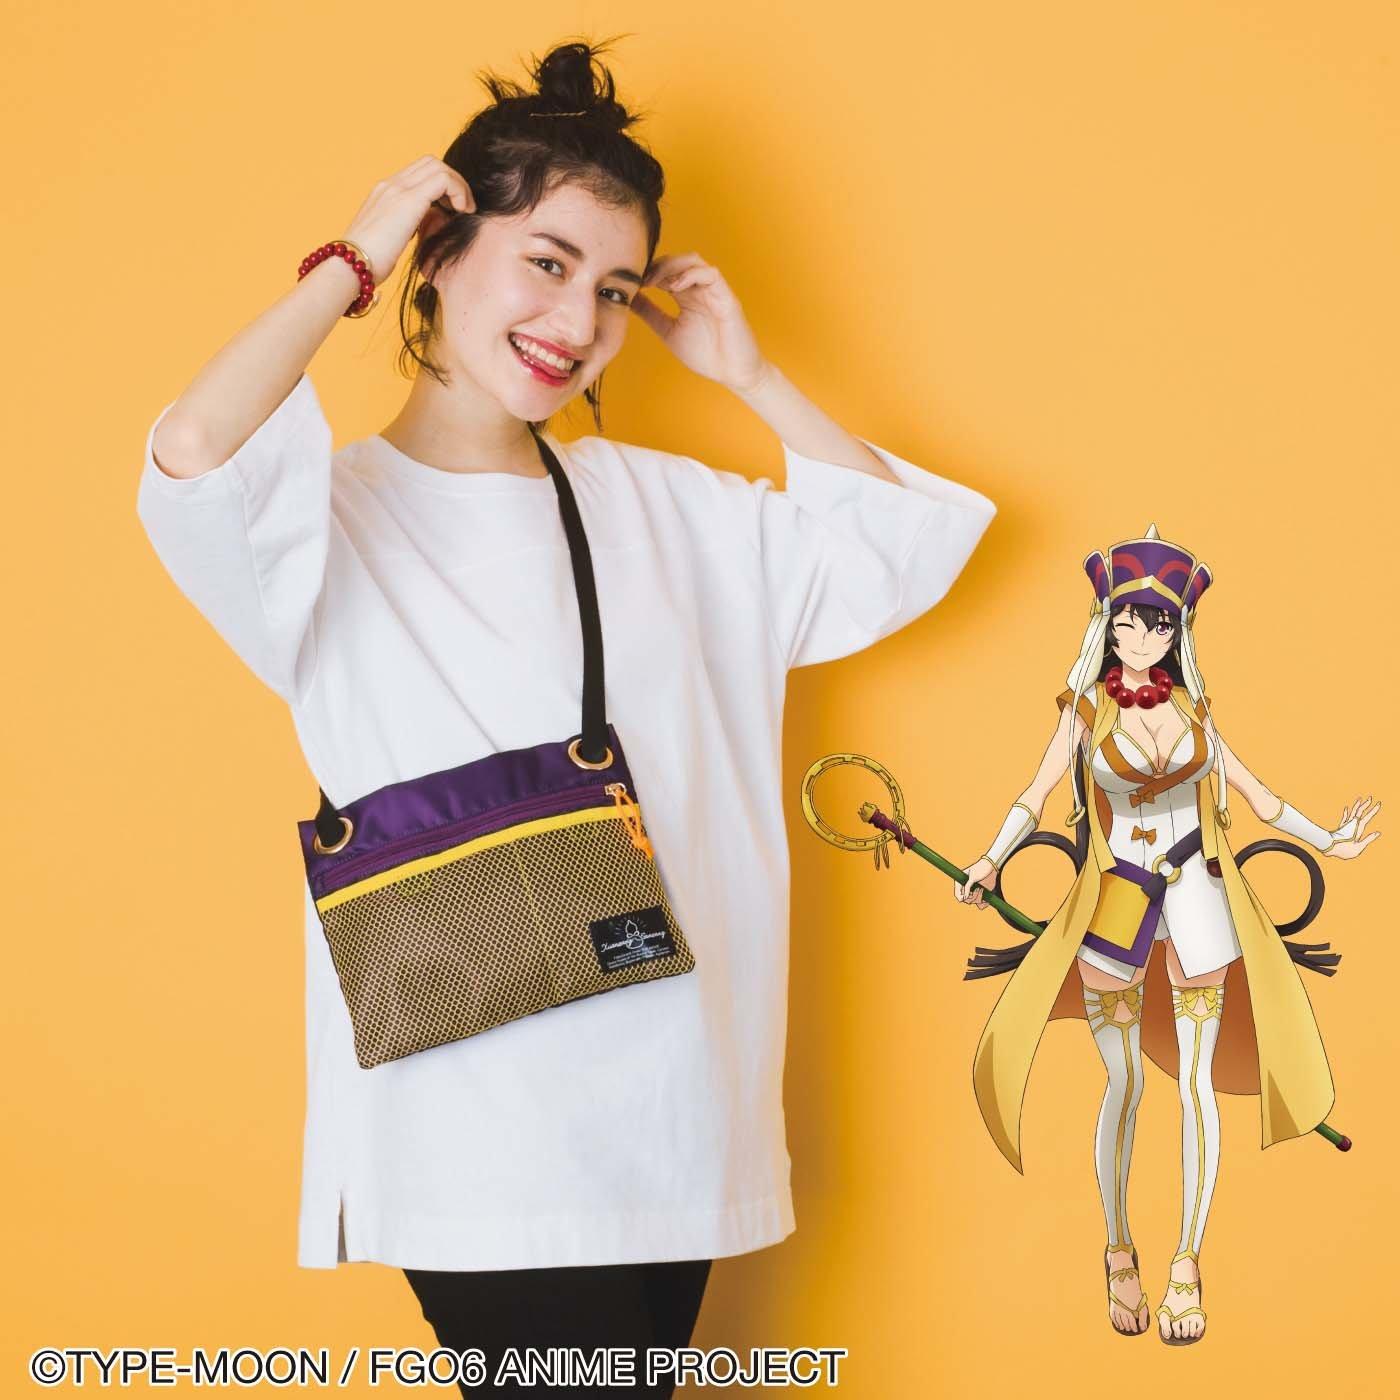 劇場版Fate/Grand Order-神聖円卓領域キャメロット- 玄奘三蔵 衣装風サコッシュ